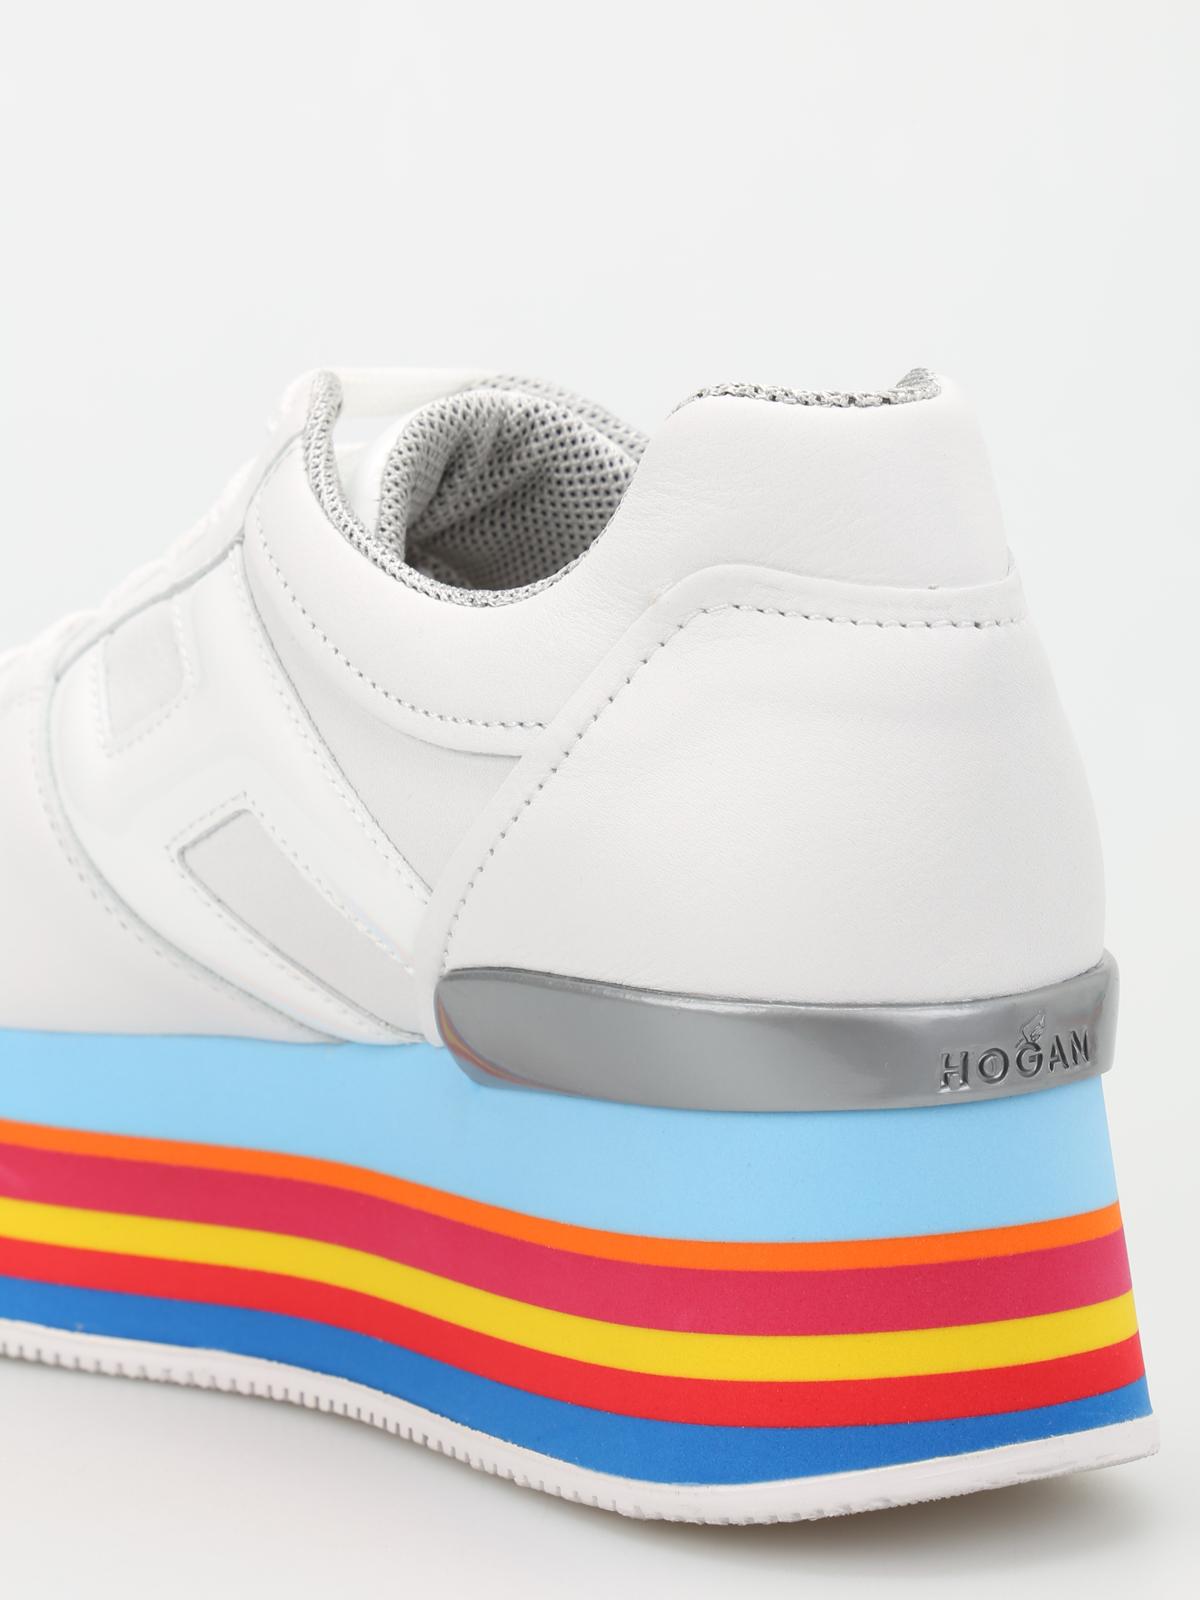 nouvelle arrivee 9ad6b 83b15 Hogan - Baskets Maxi H222 Pour Femme - Chaussures de sport ...